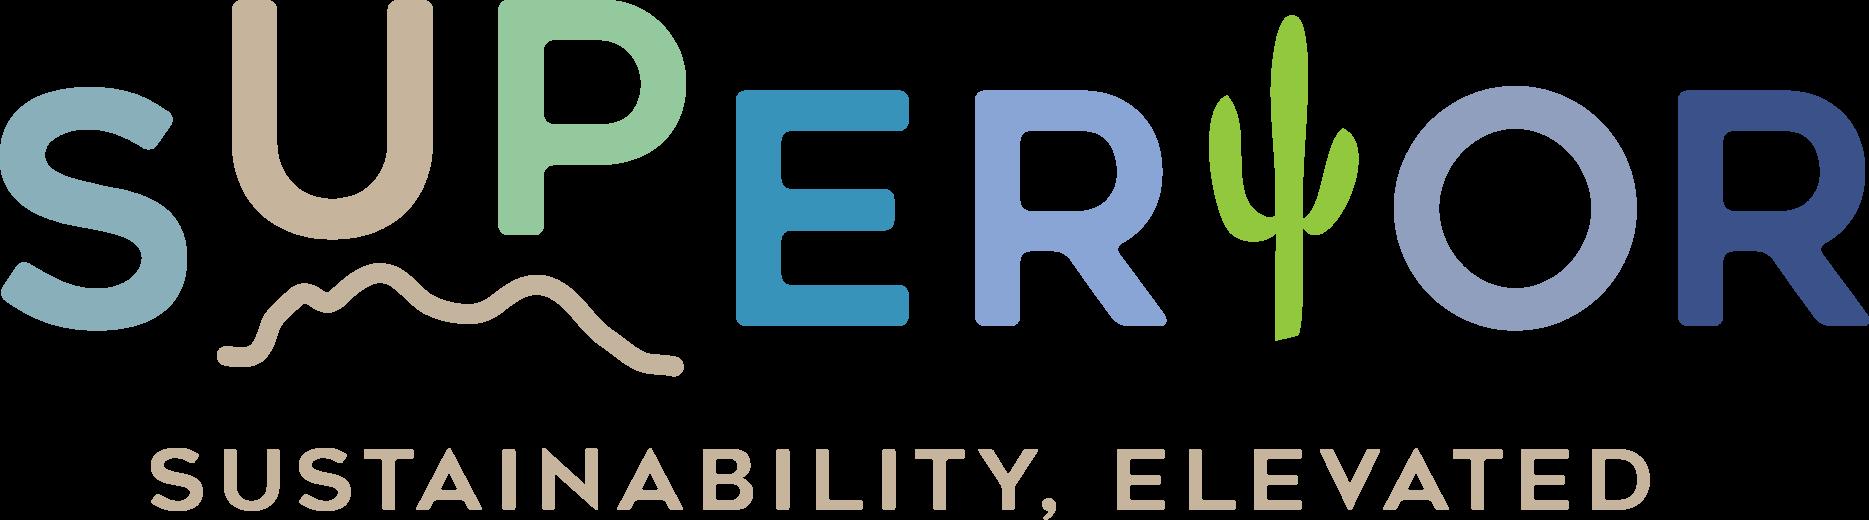 Superior: Sustainability Elevated